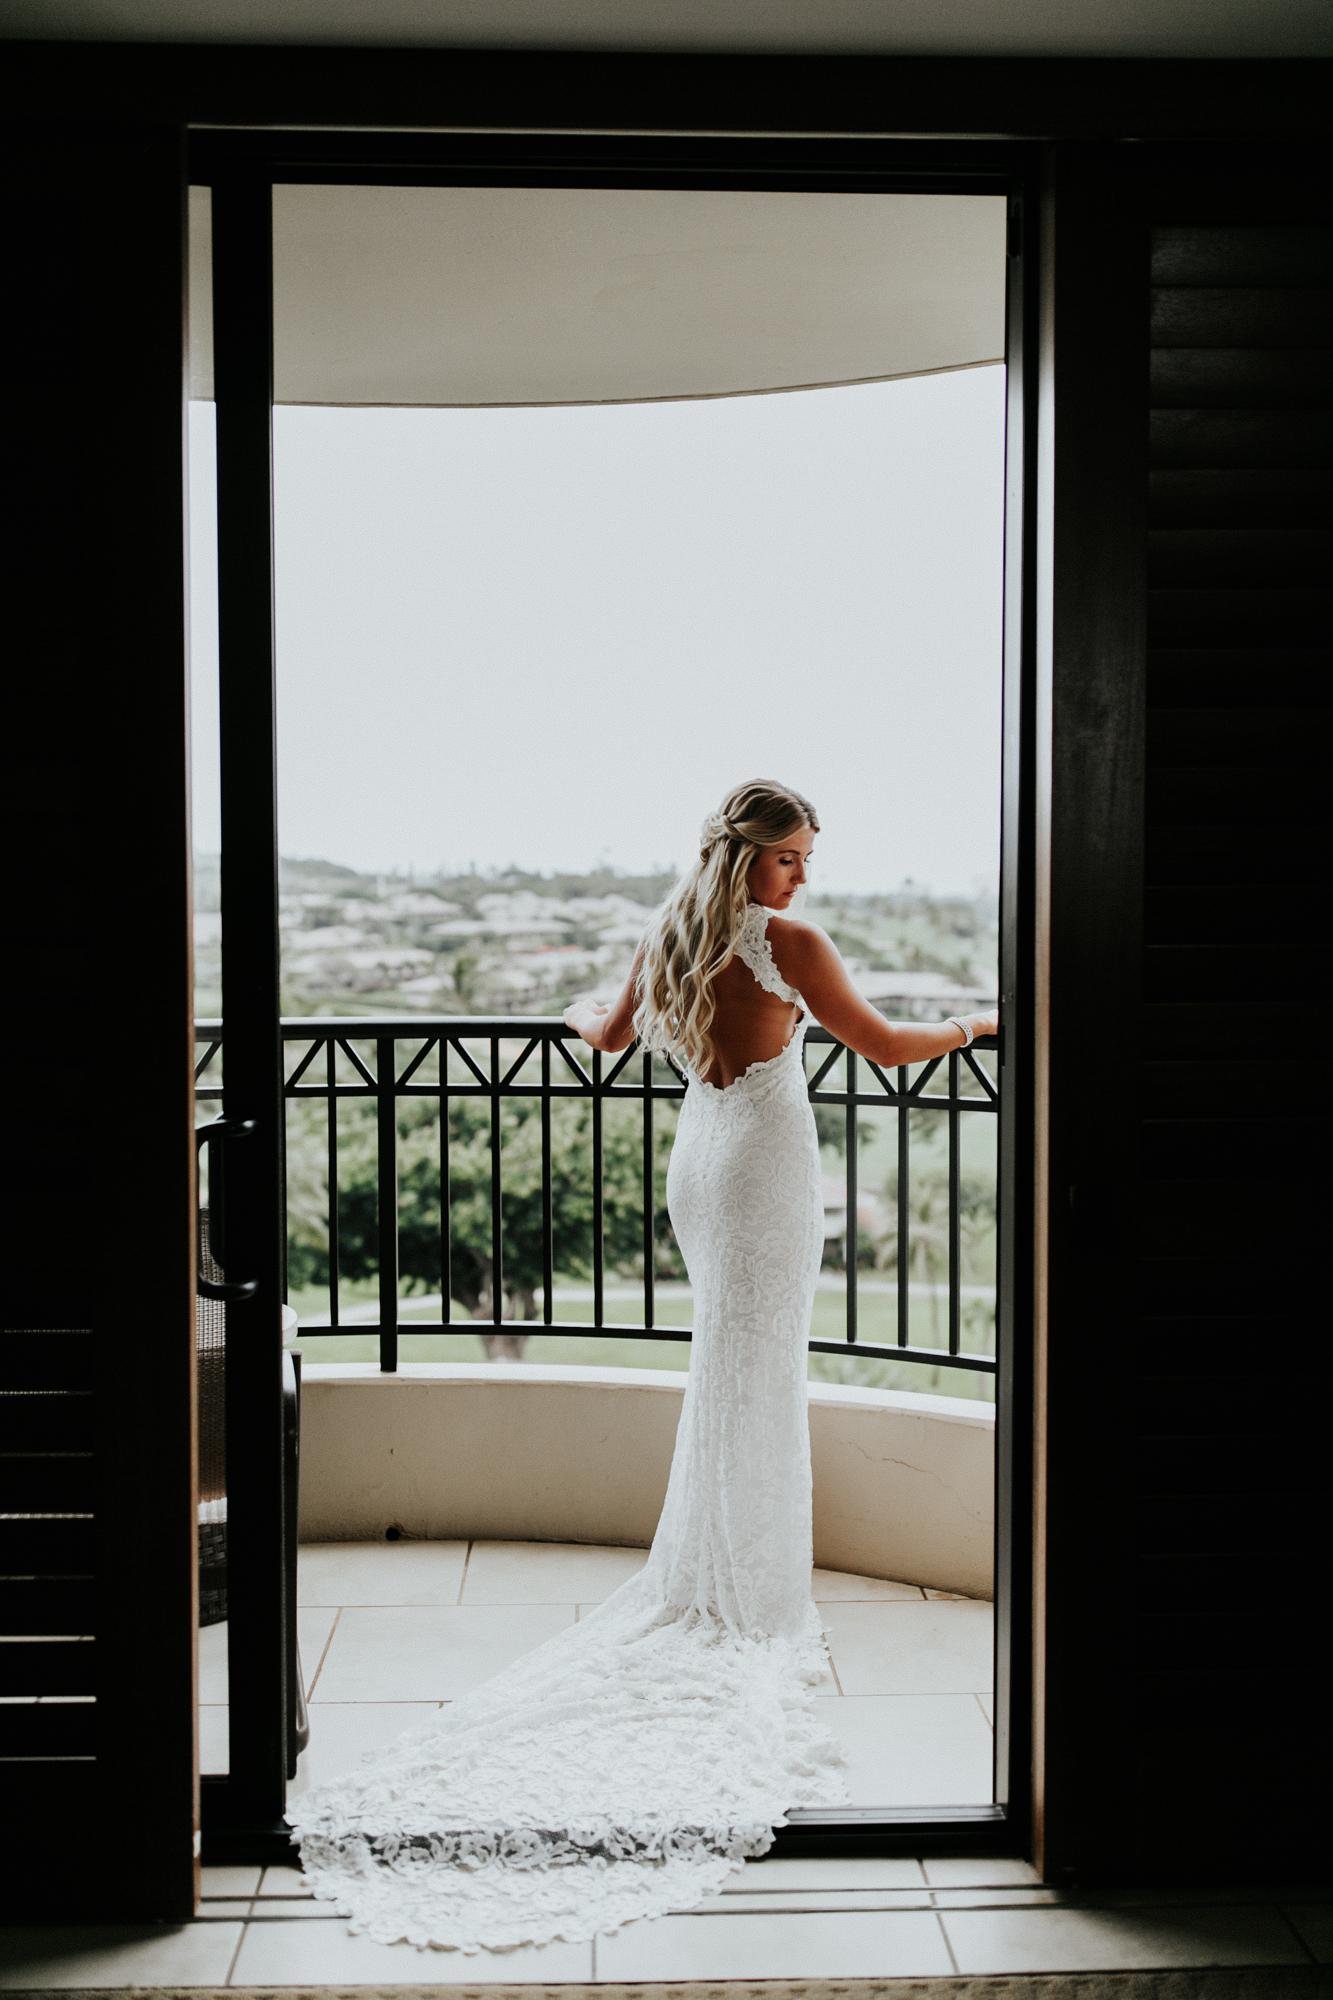 destination-wedding-photographer-hawaii-maui-elopement-28.jpg